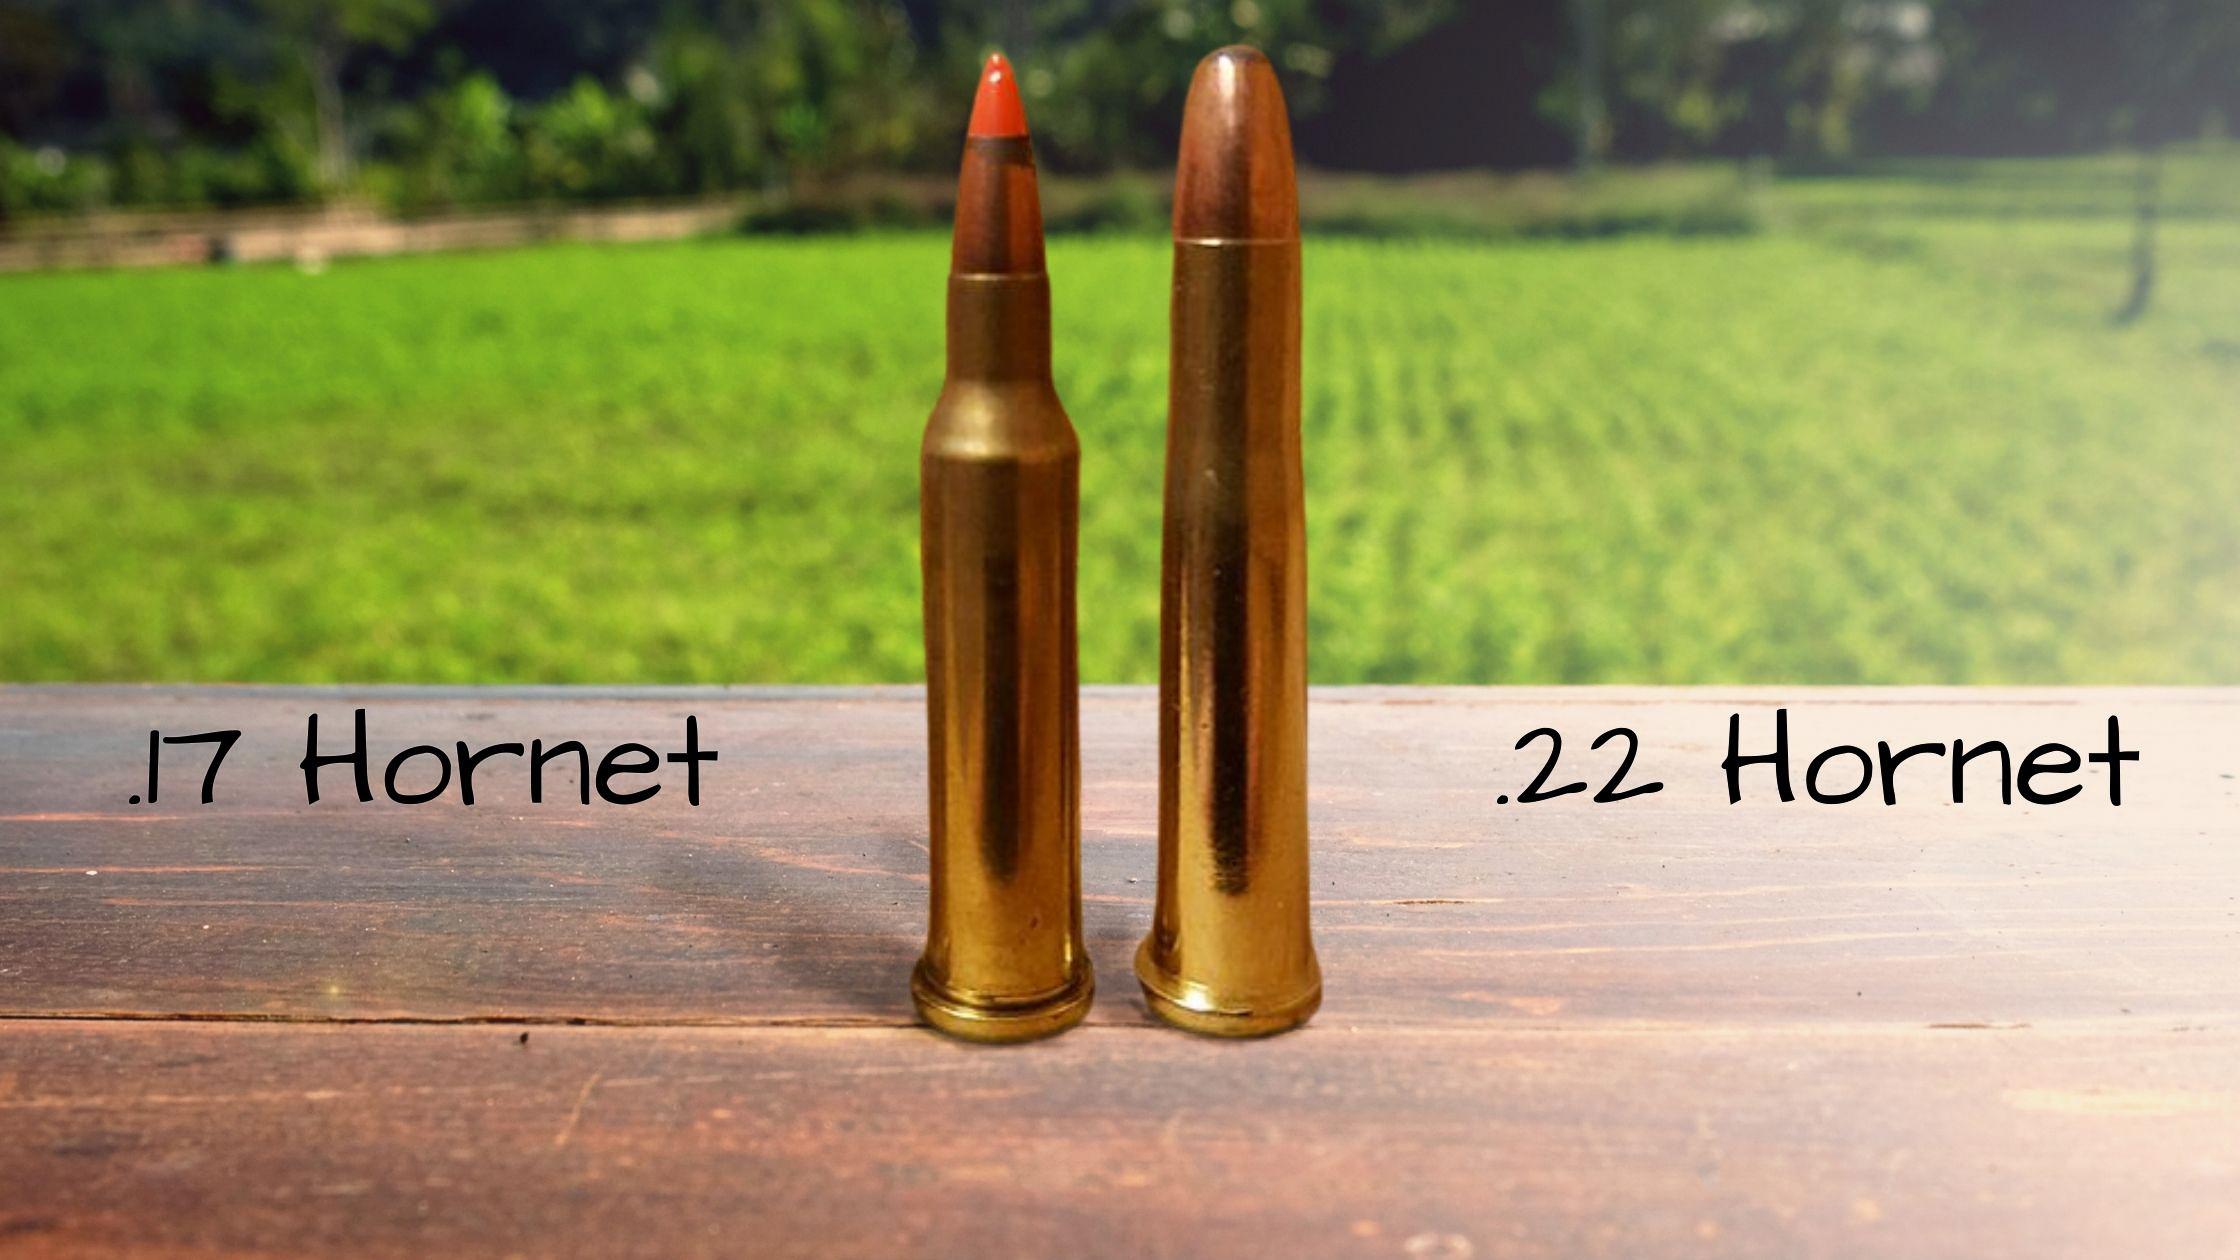 17 Hornet vs 22 Hornet